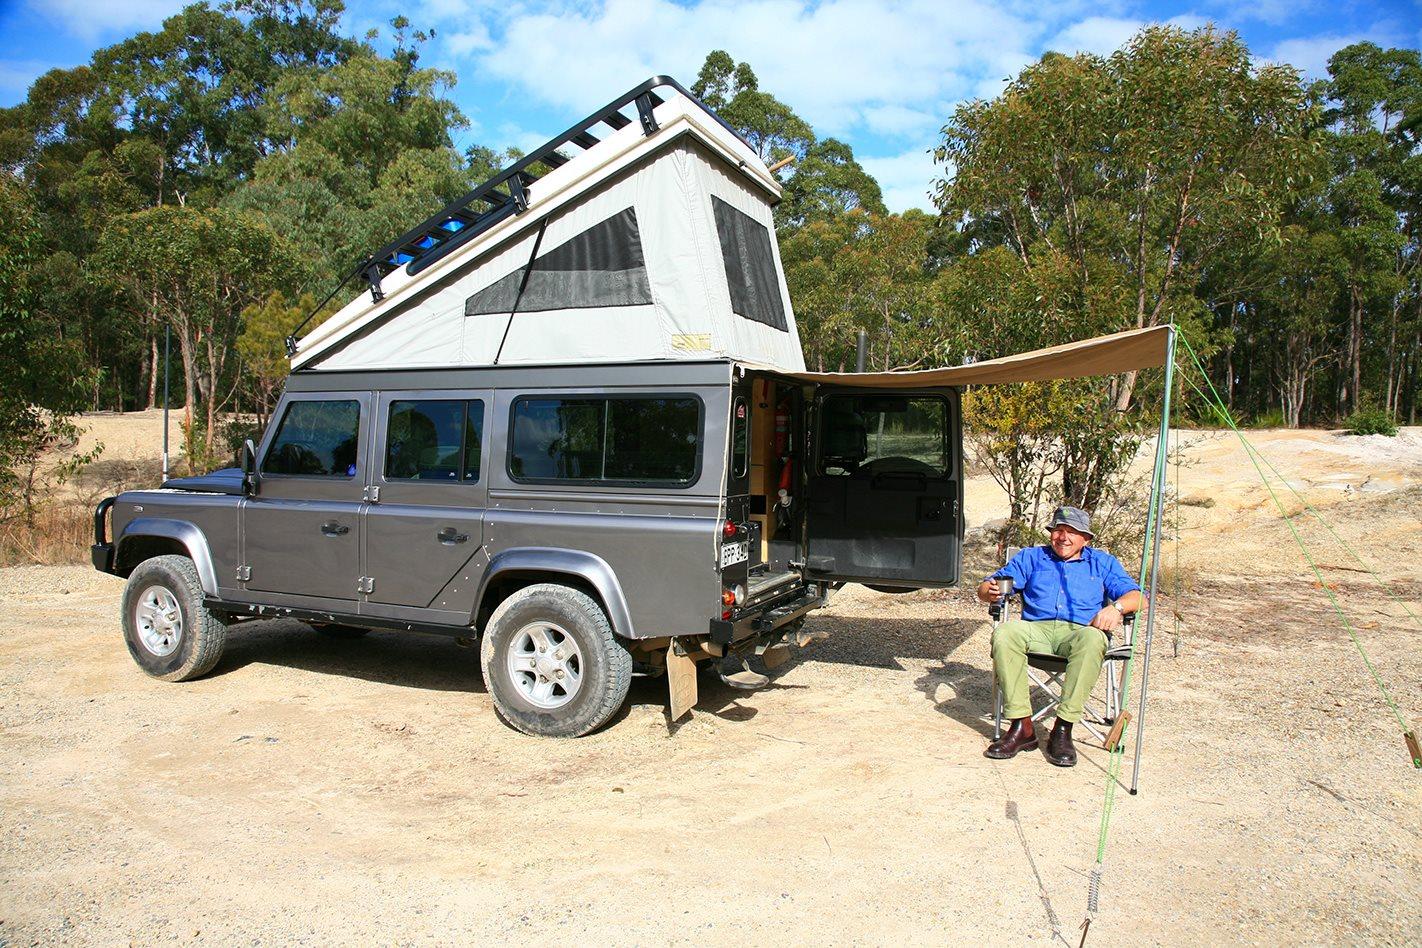 Land Rover Defender custom camper setup.jpg